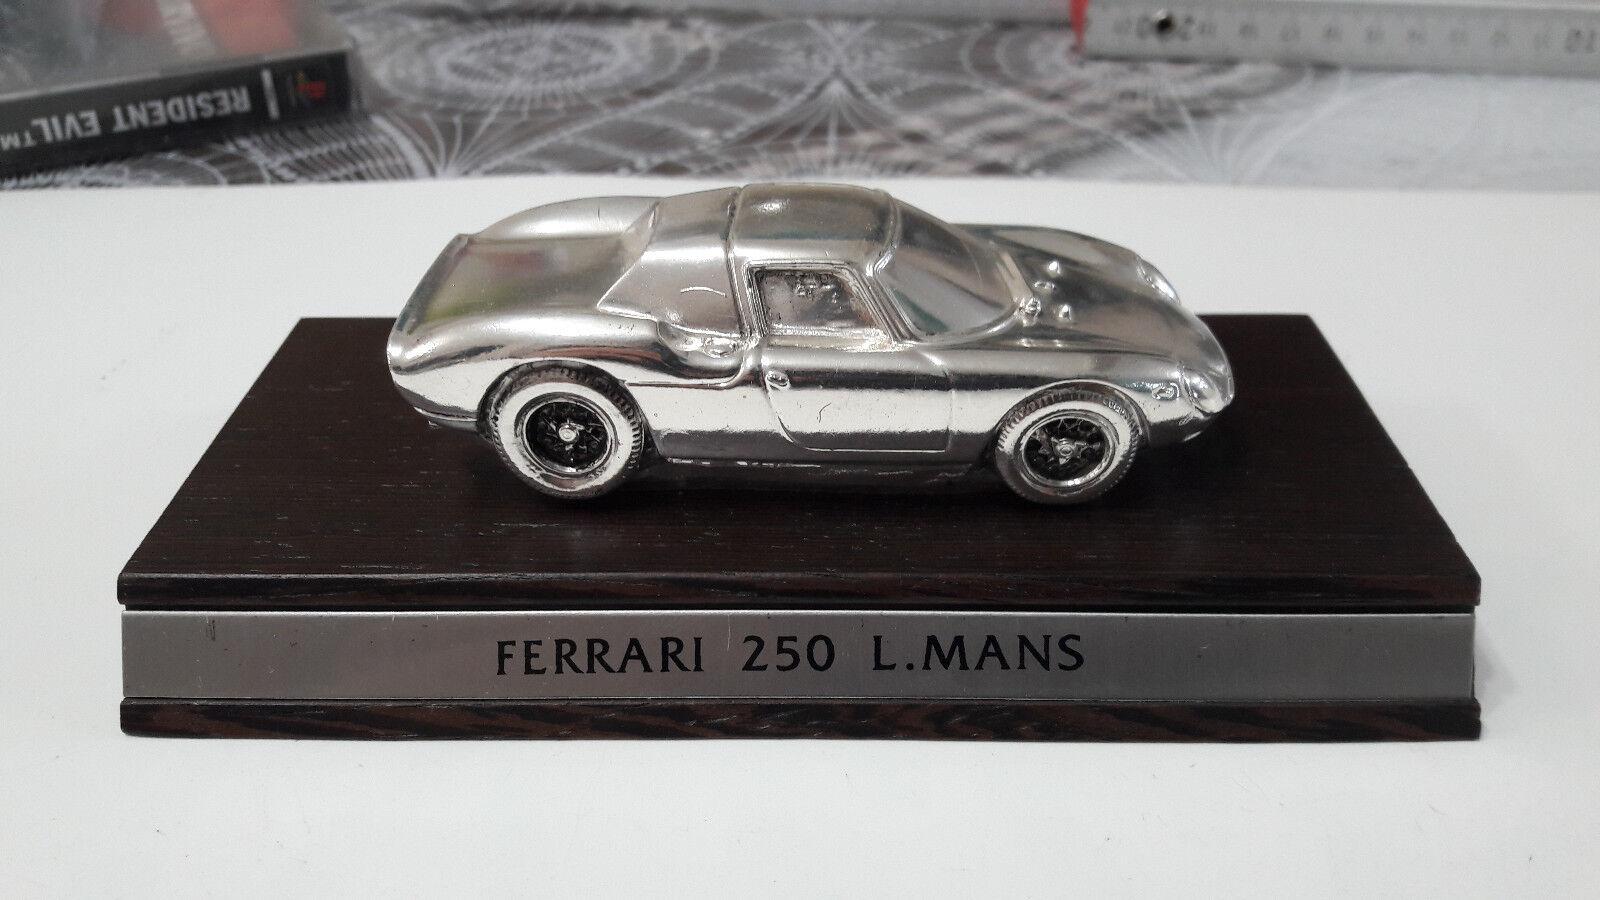 MODELLINO Ferrari 250 LM 1962 1 43 Silber plated Brebbia